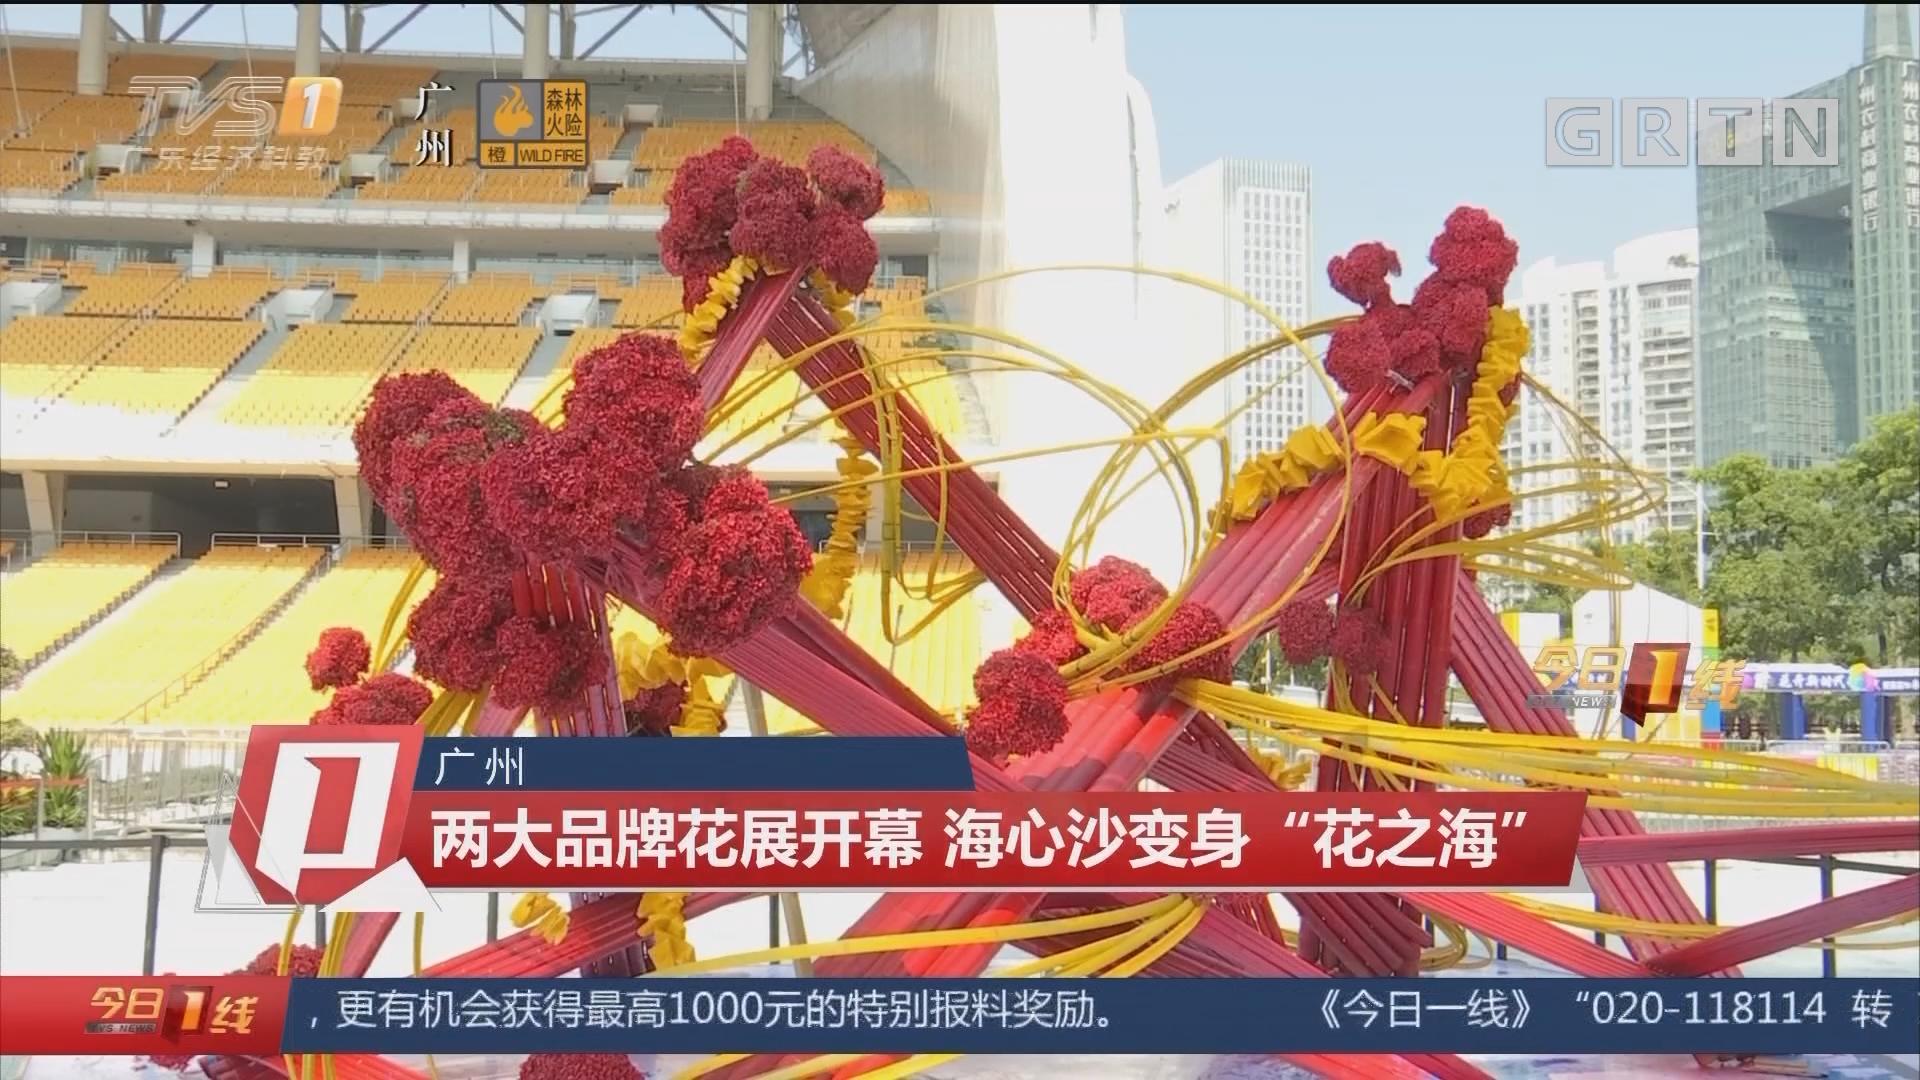 """广州:两大品牌花展开幕 海心沙变身""""花之海"""""""